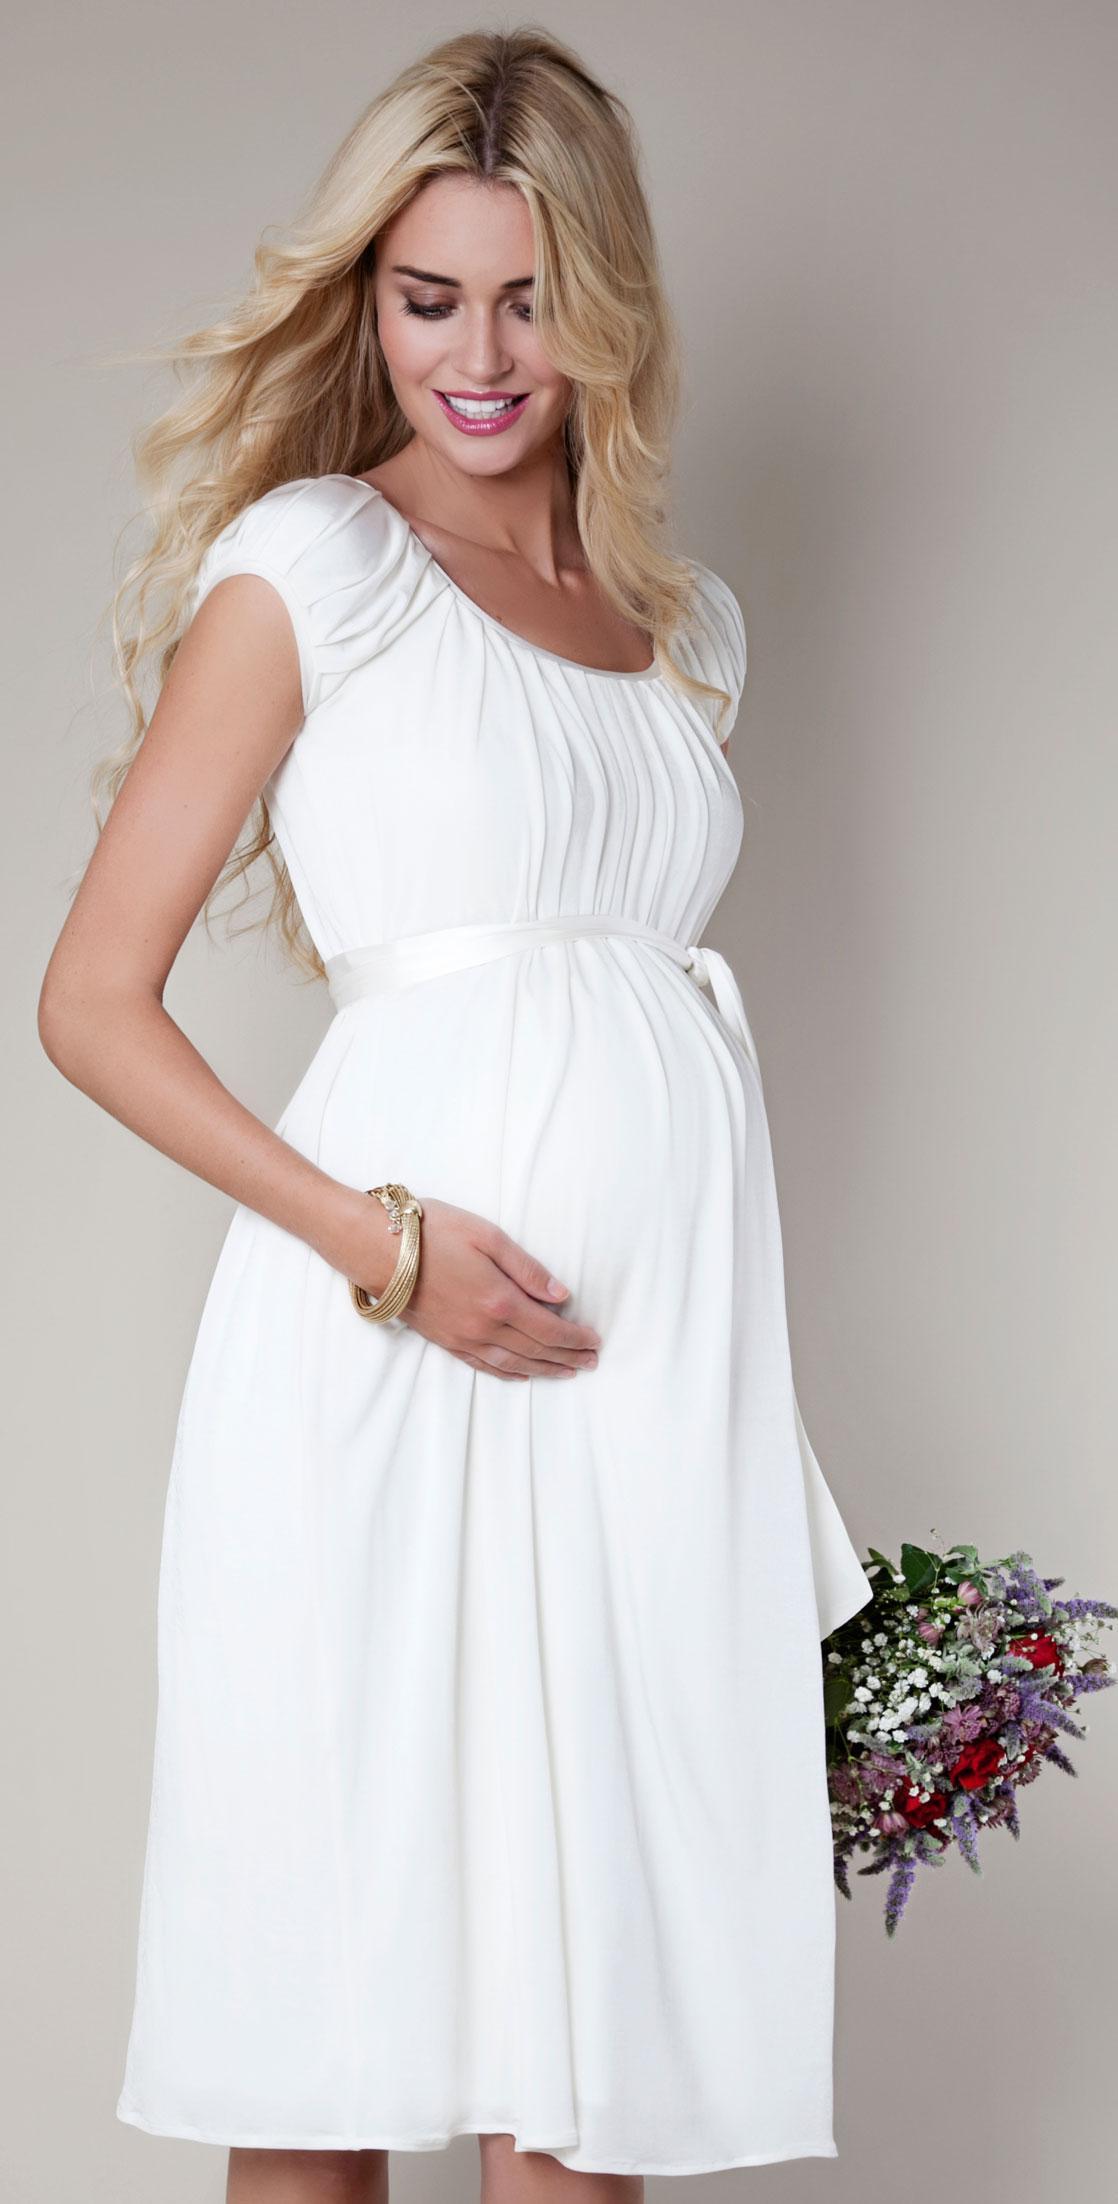 cc1029ac suknia ślubna Tiffany Rose krótka - Suknie ślubne dla kobiet w ciąży ...